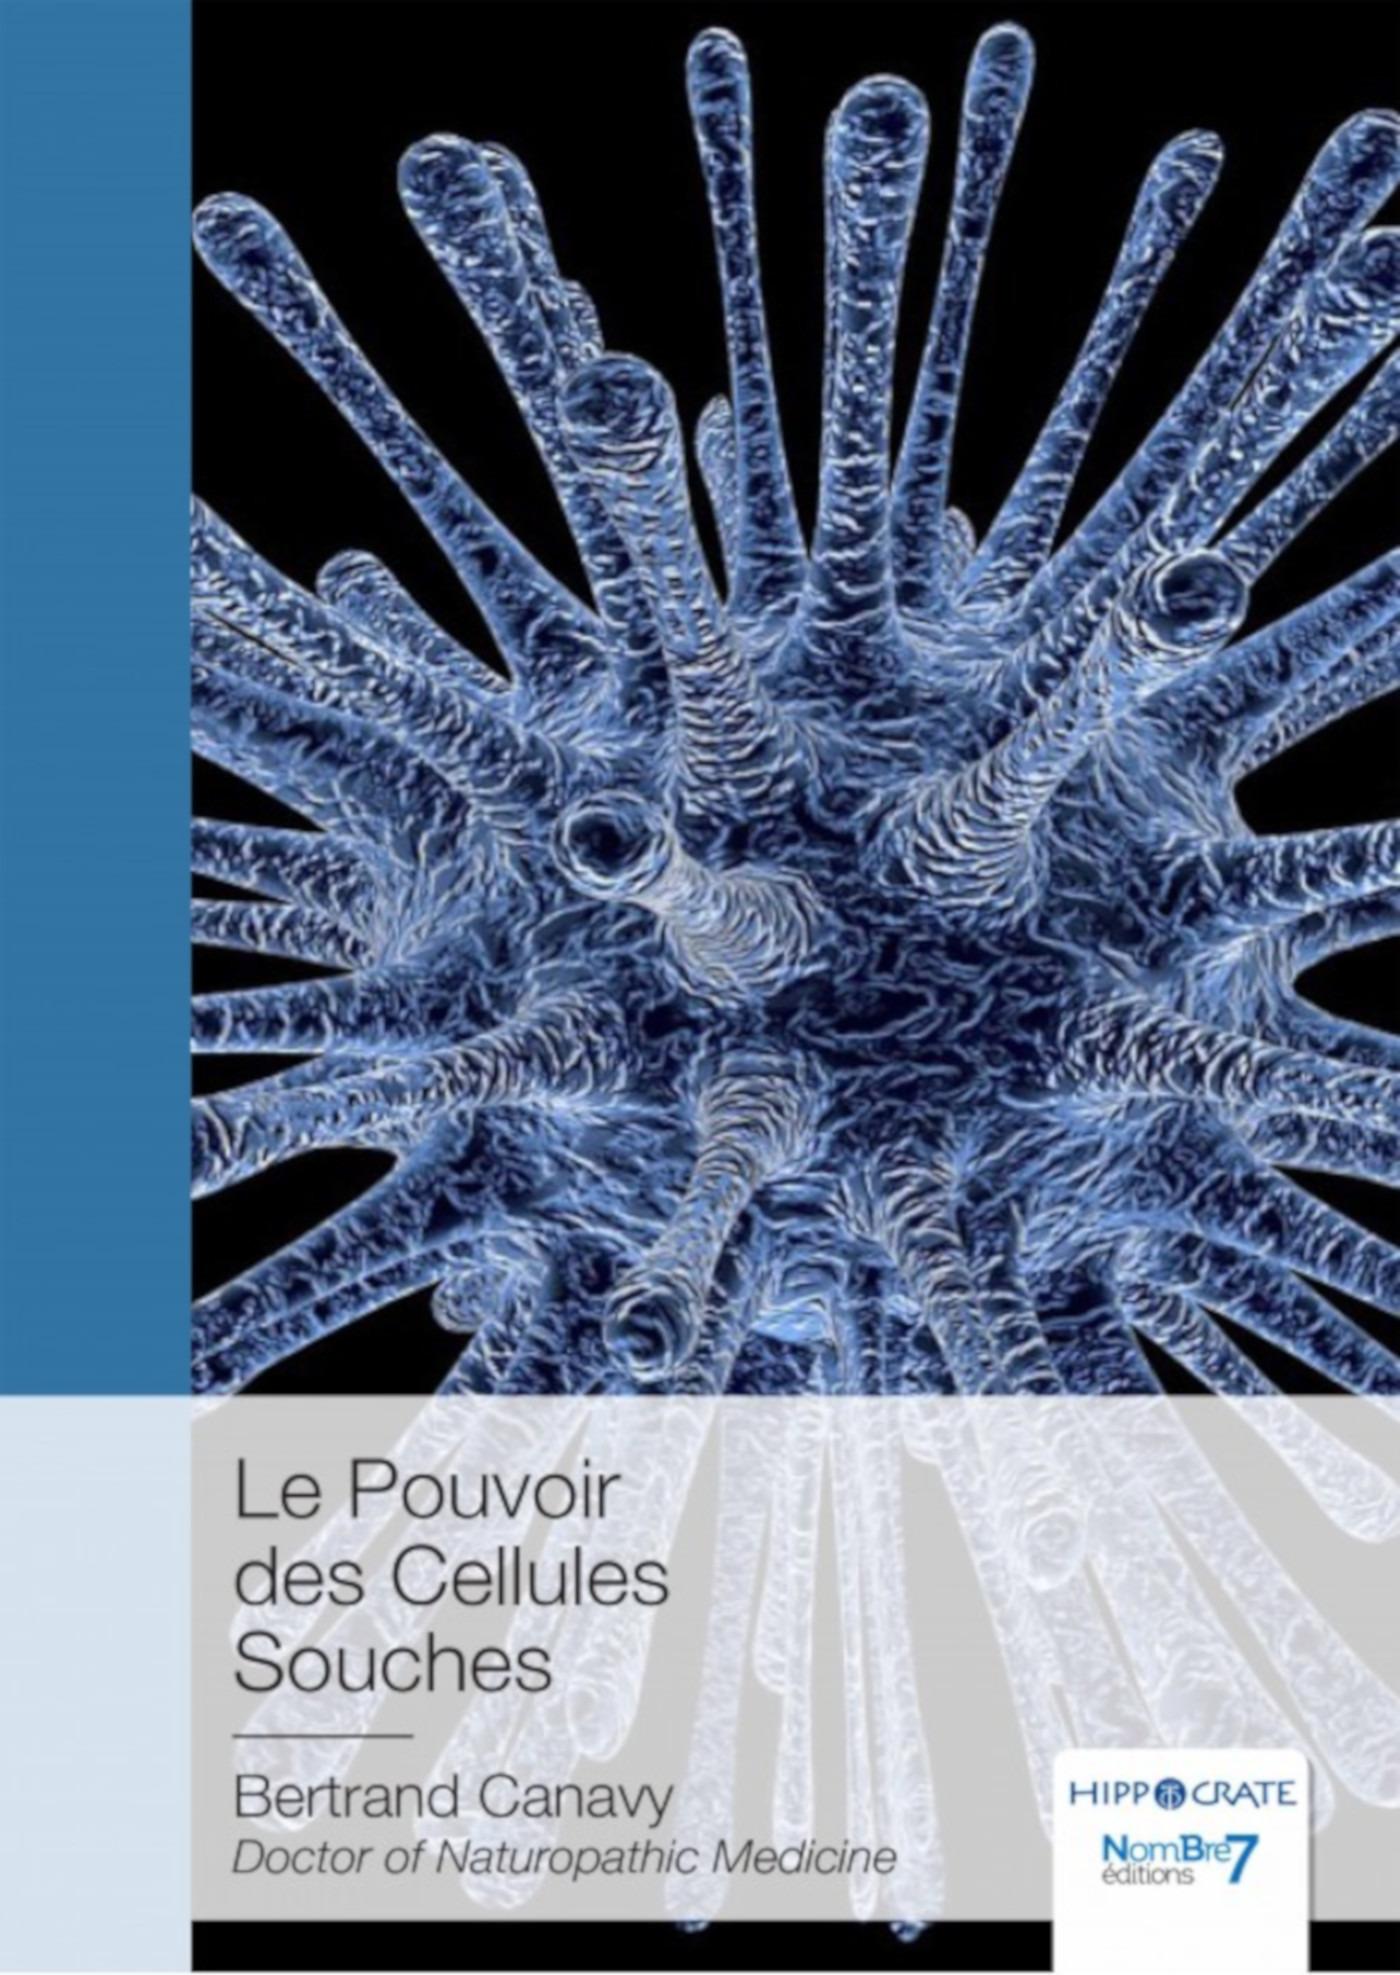 Le pouvoir des cellules souches